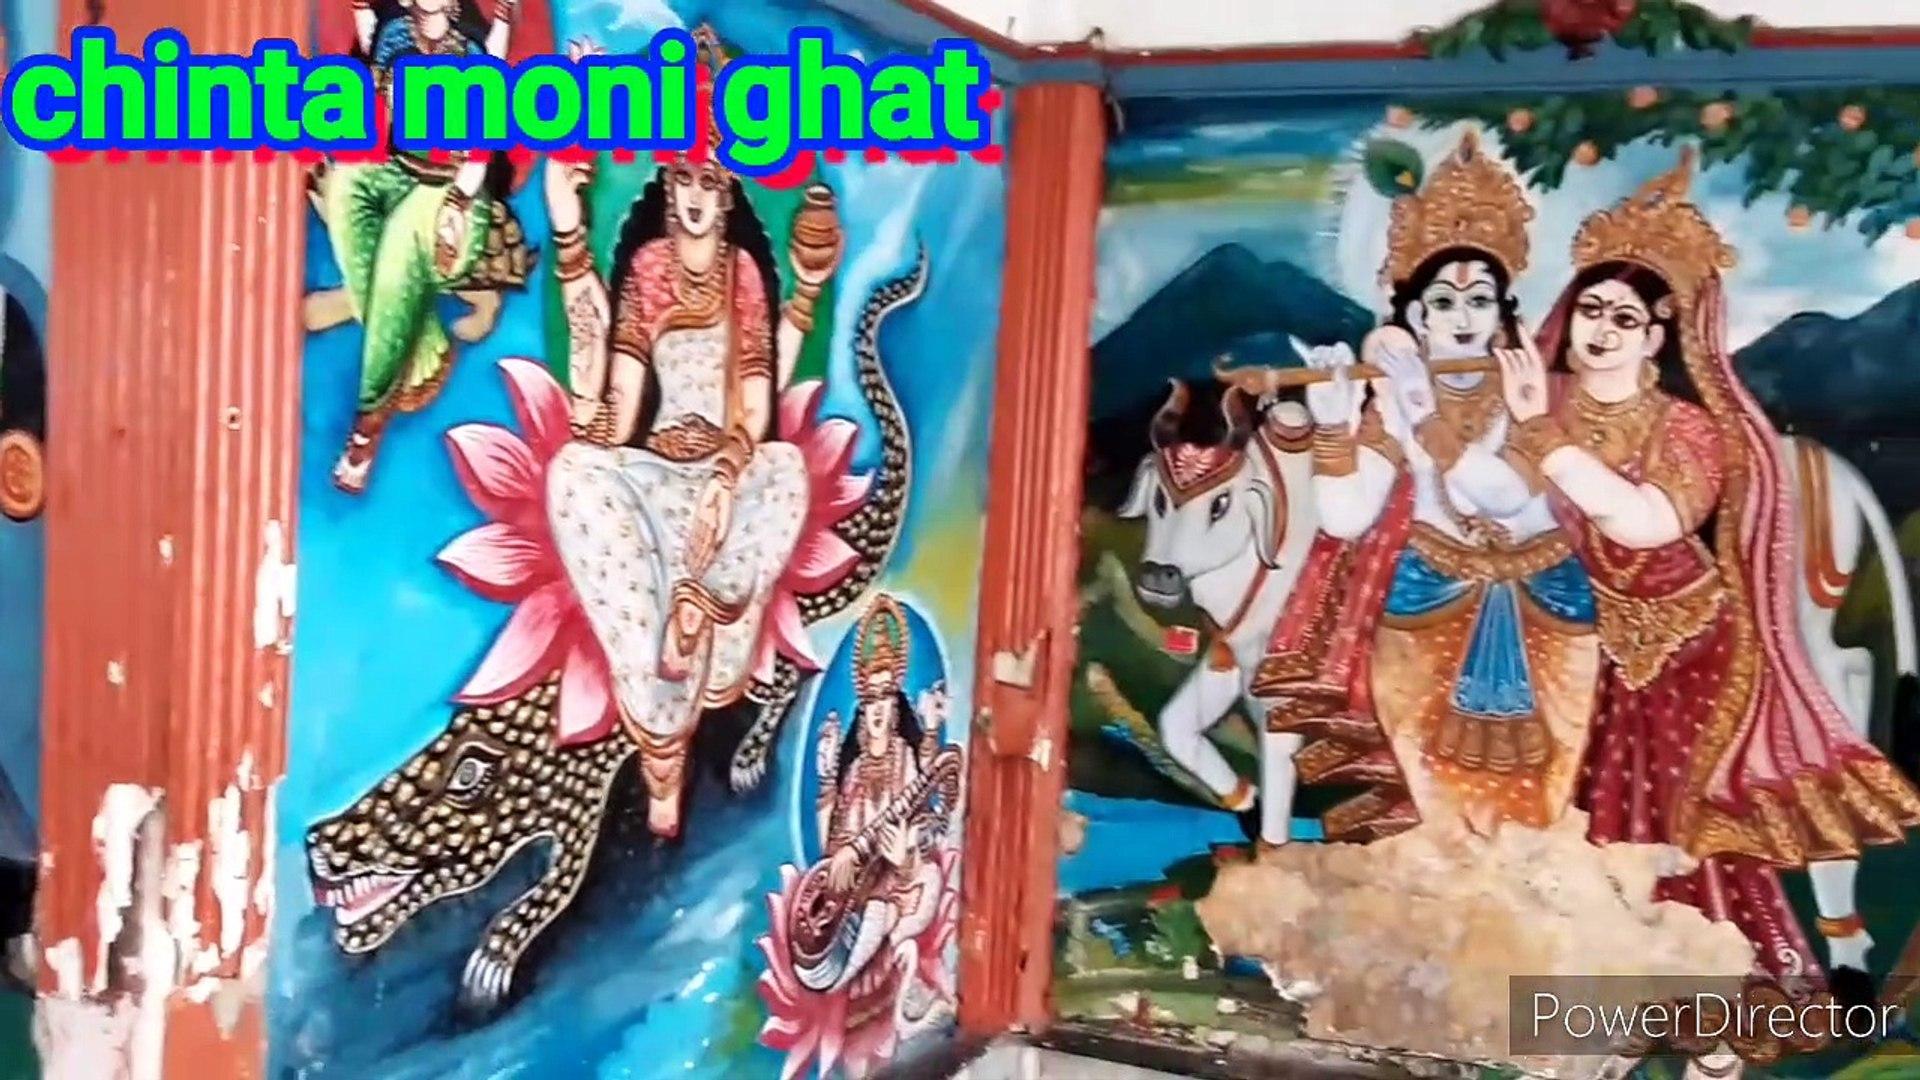 Heritage bathing ghat